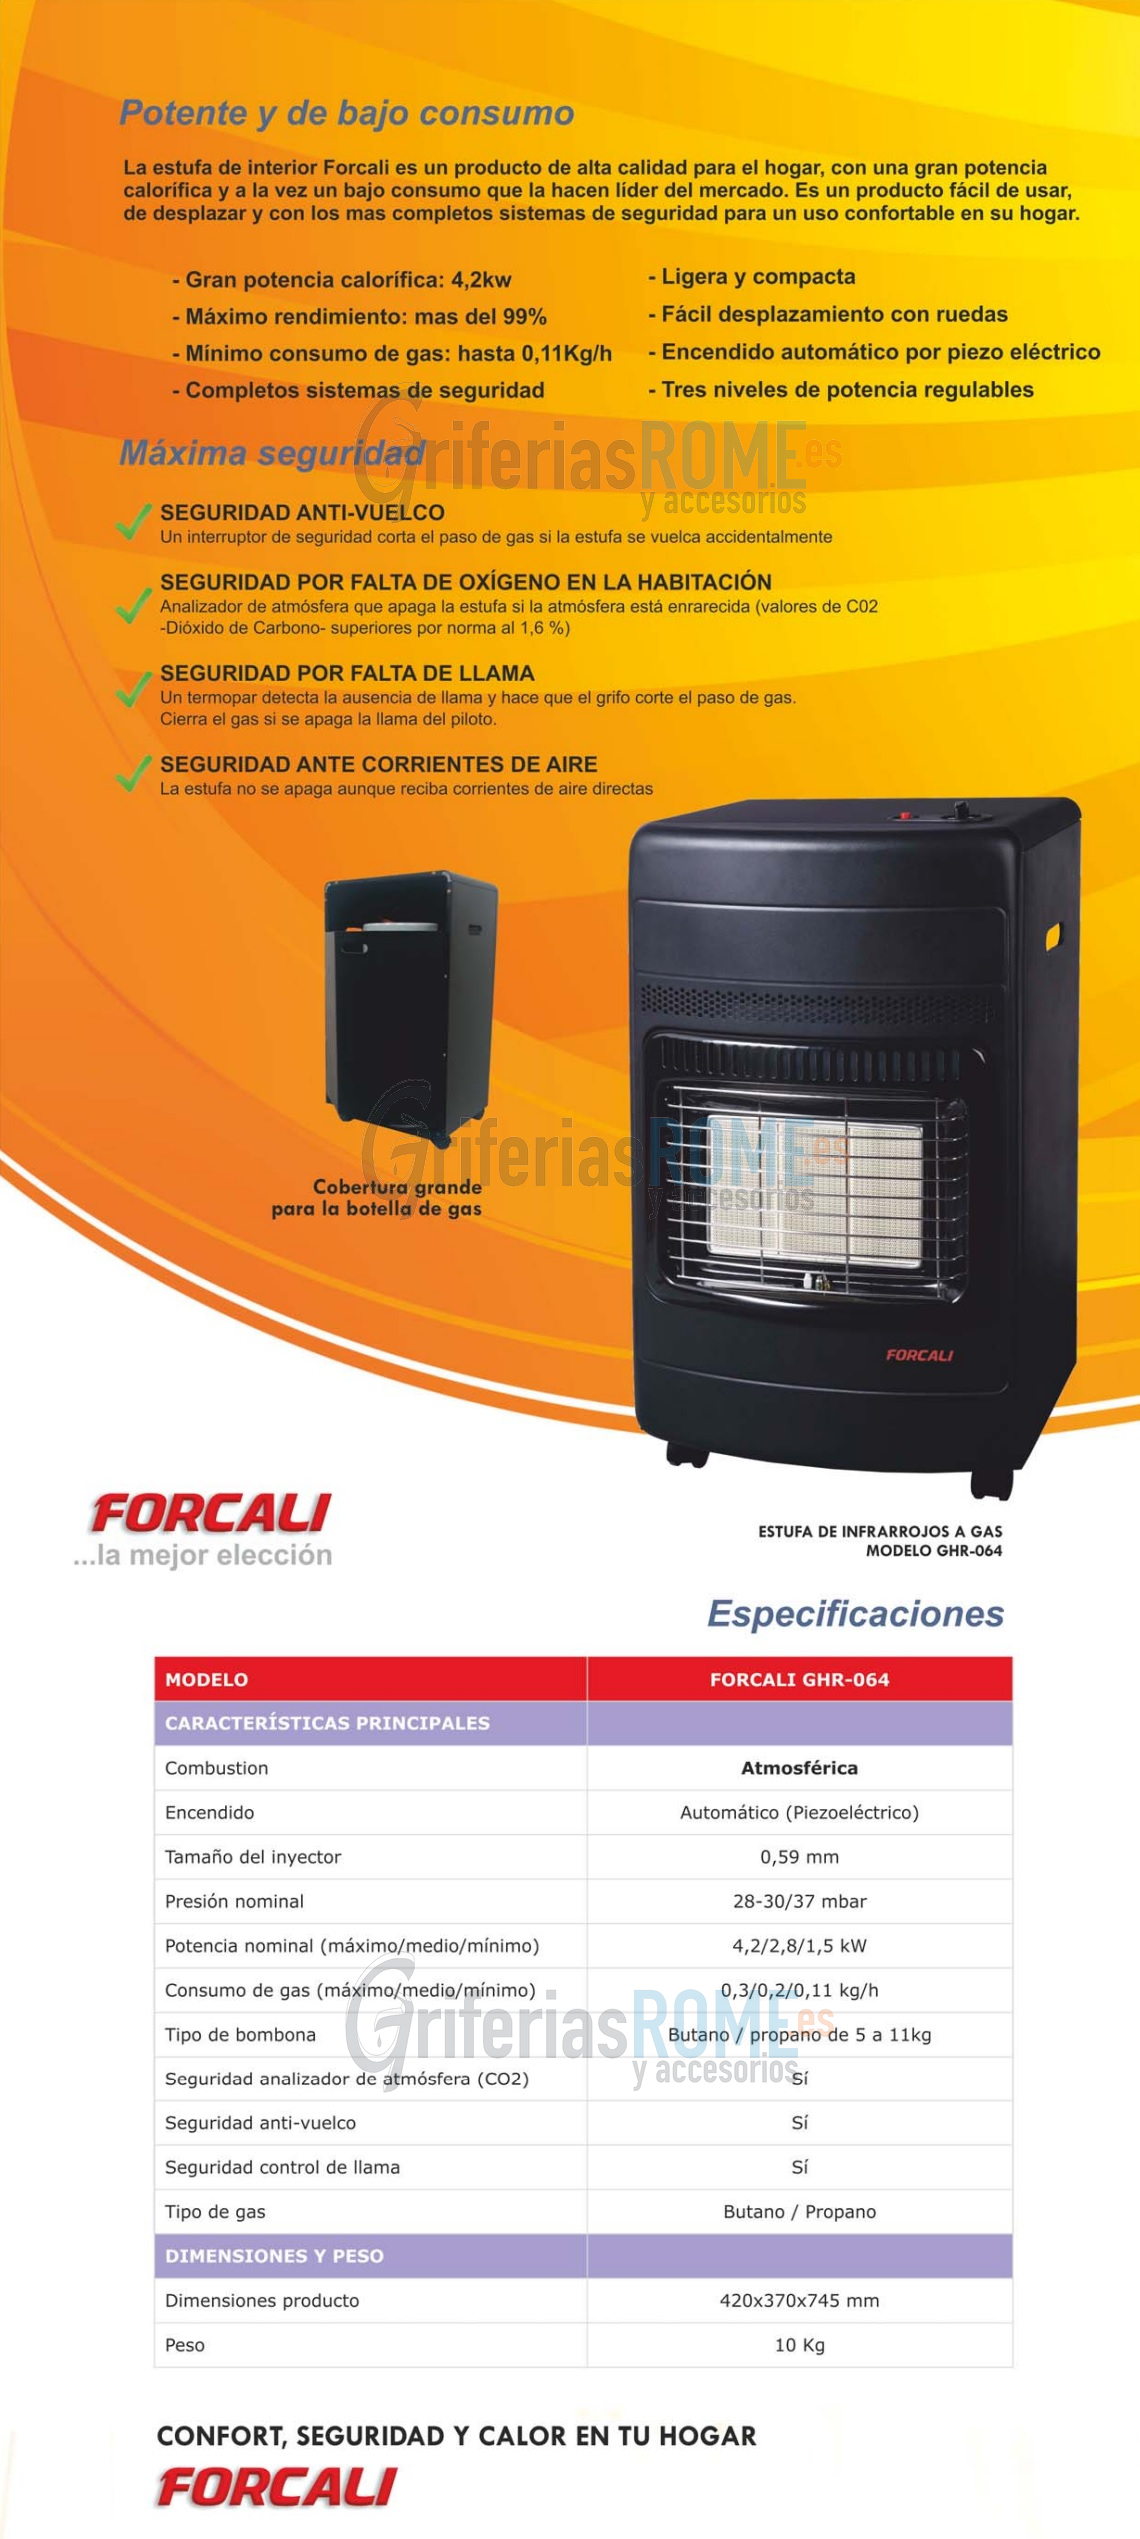 Estufa infrarrojos a gas forcali Estufas de bajo consumo